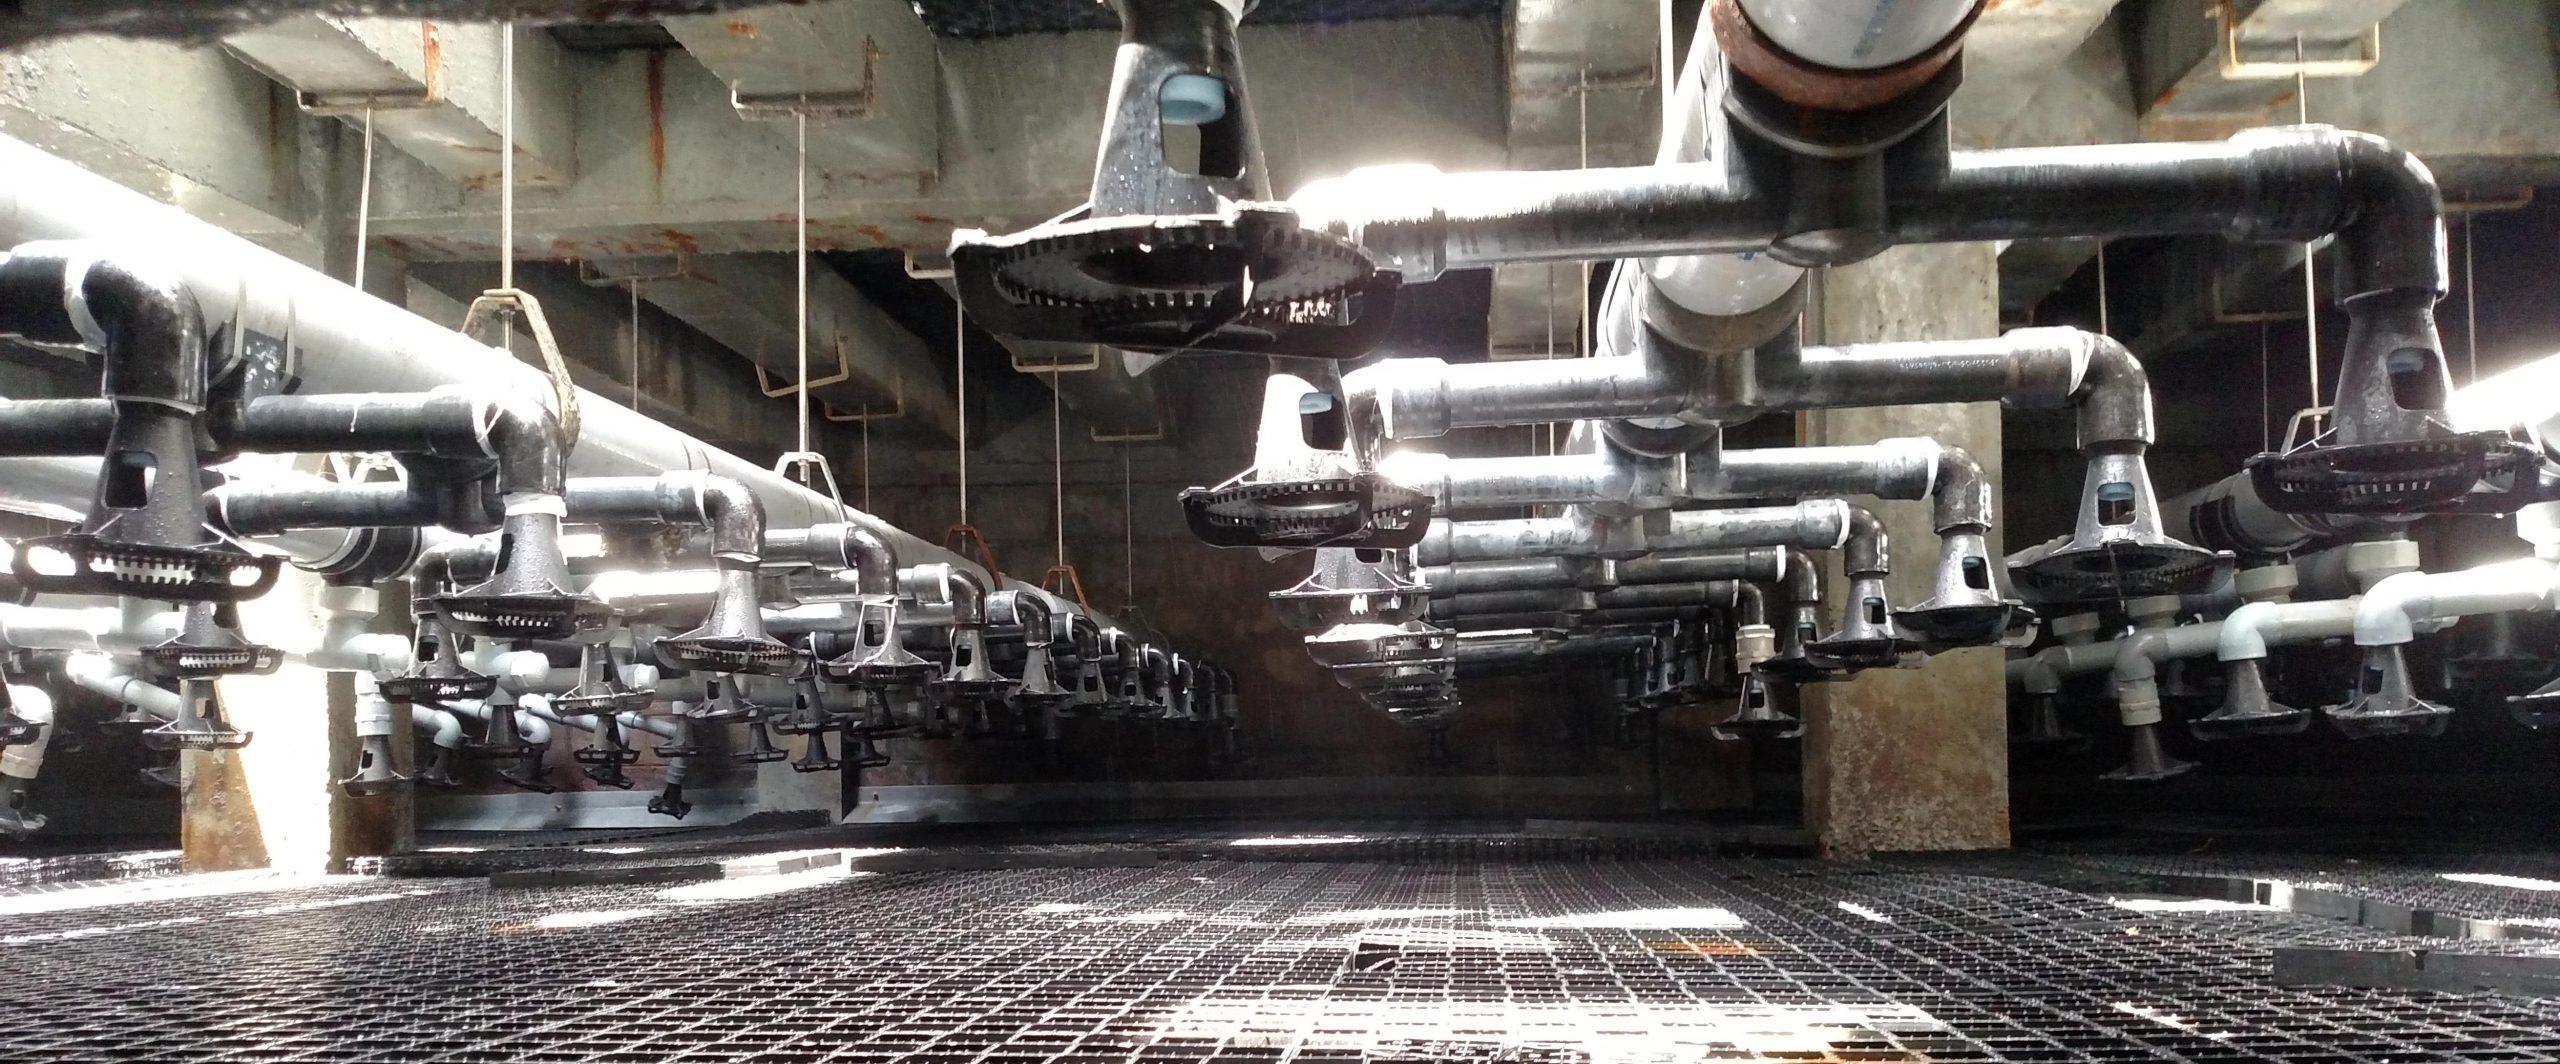 Hệ thống nhà máy